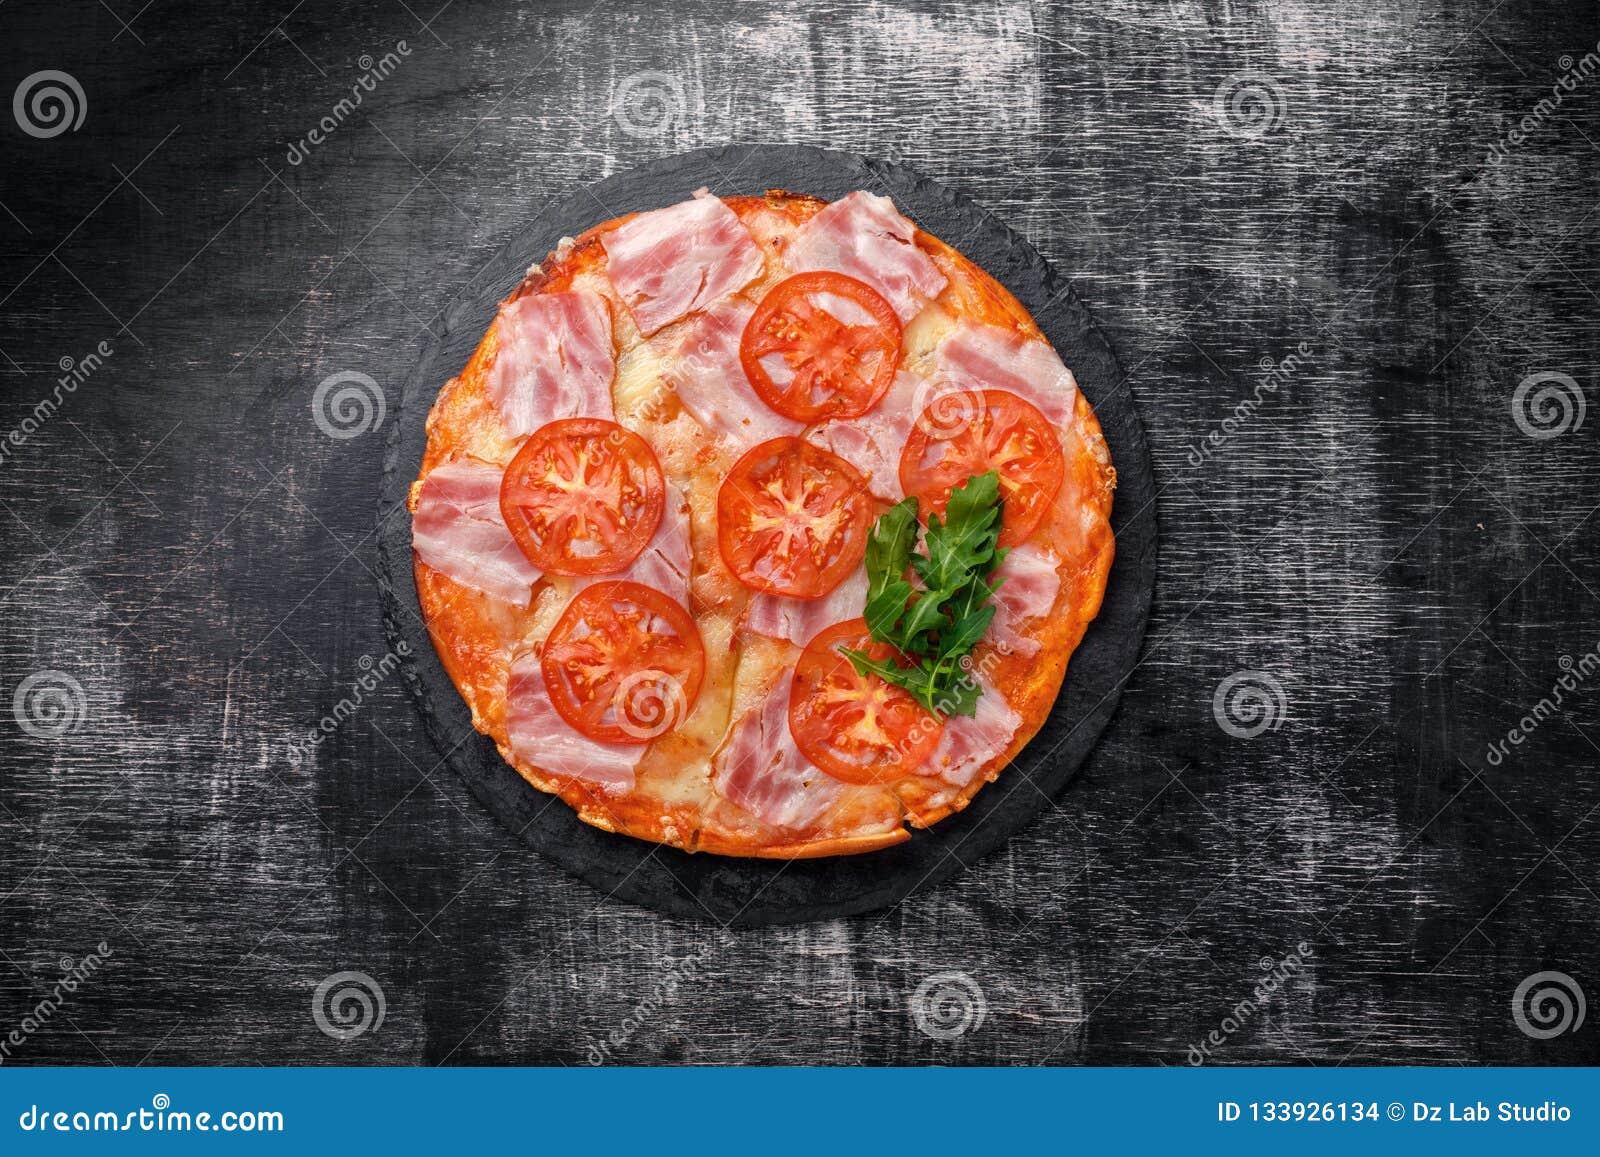 Pizza italiana tradicional com mozzarella, presunto, tomates